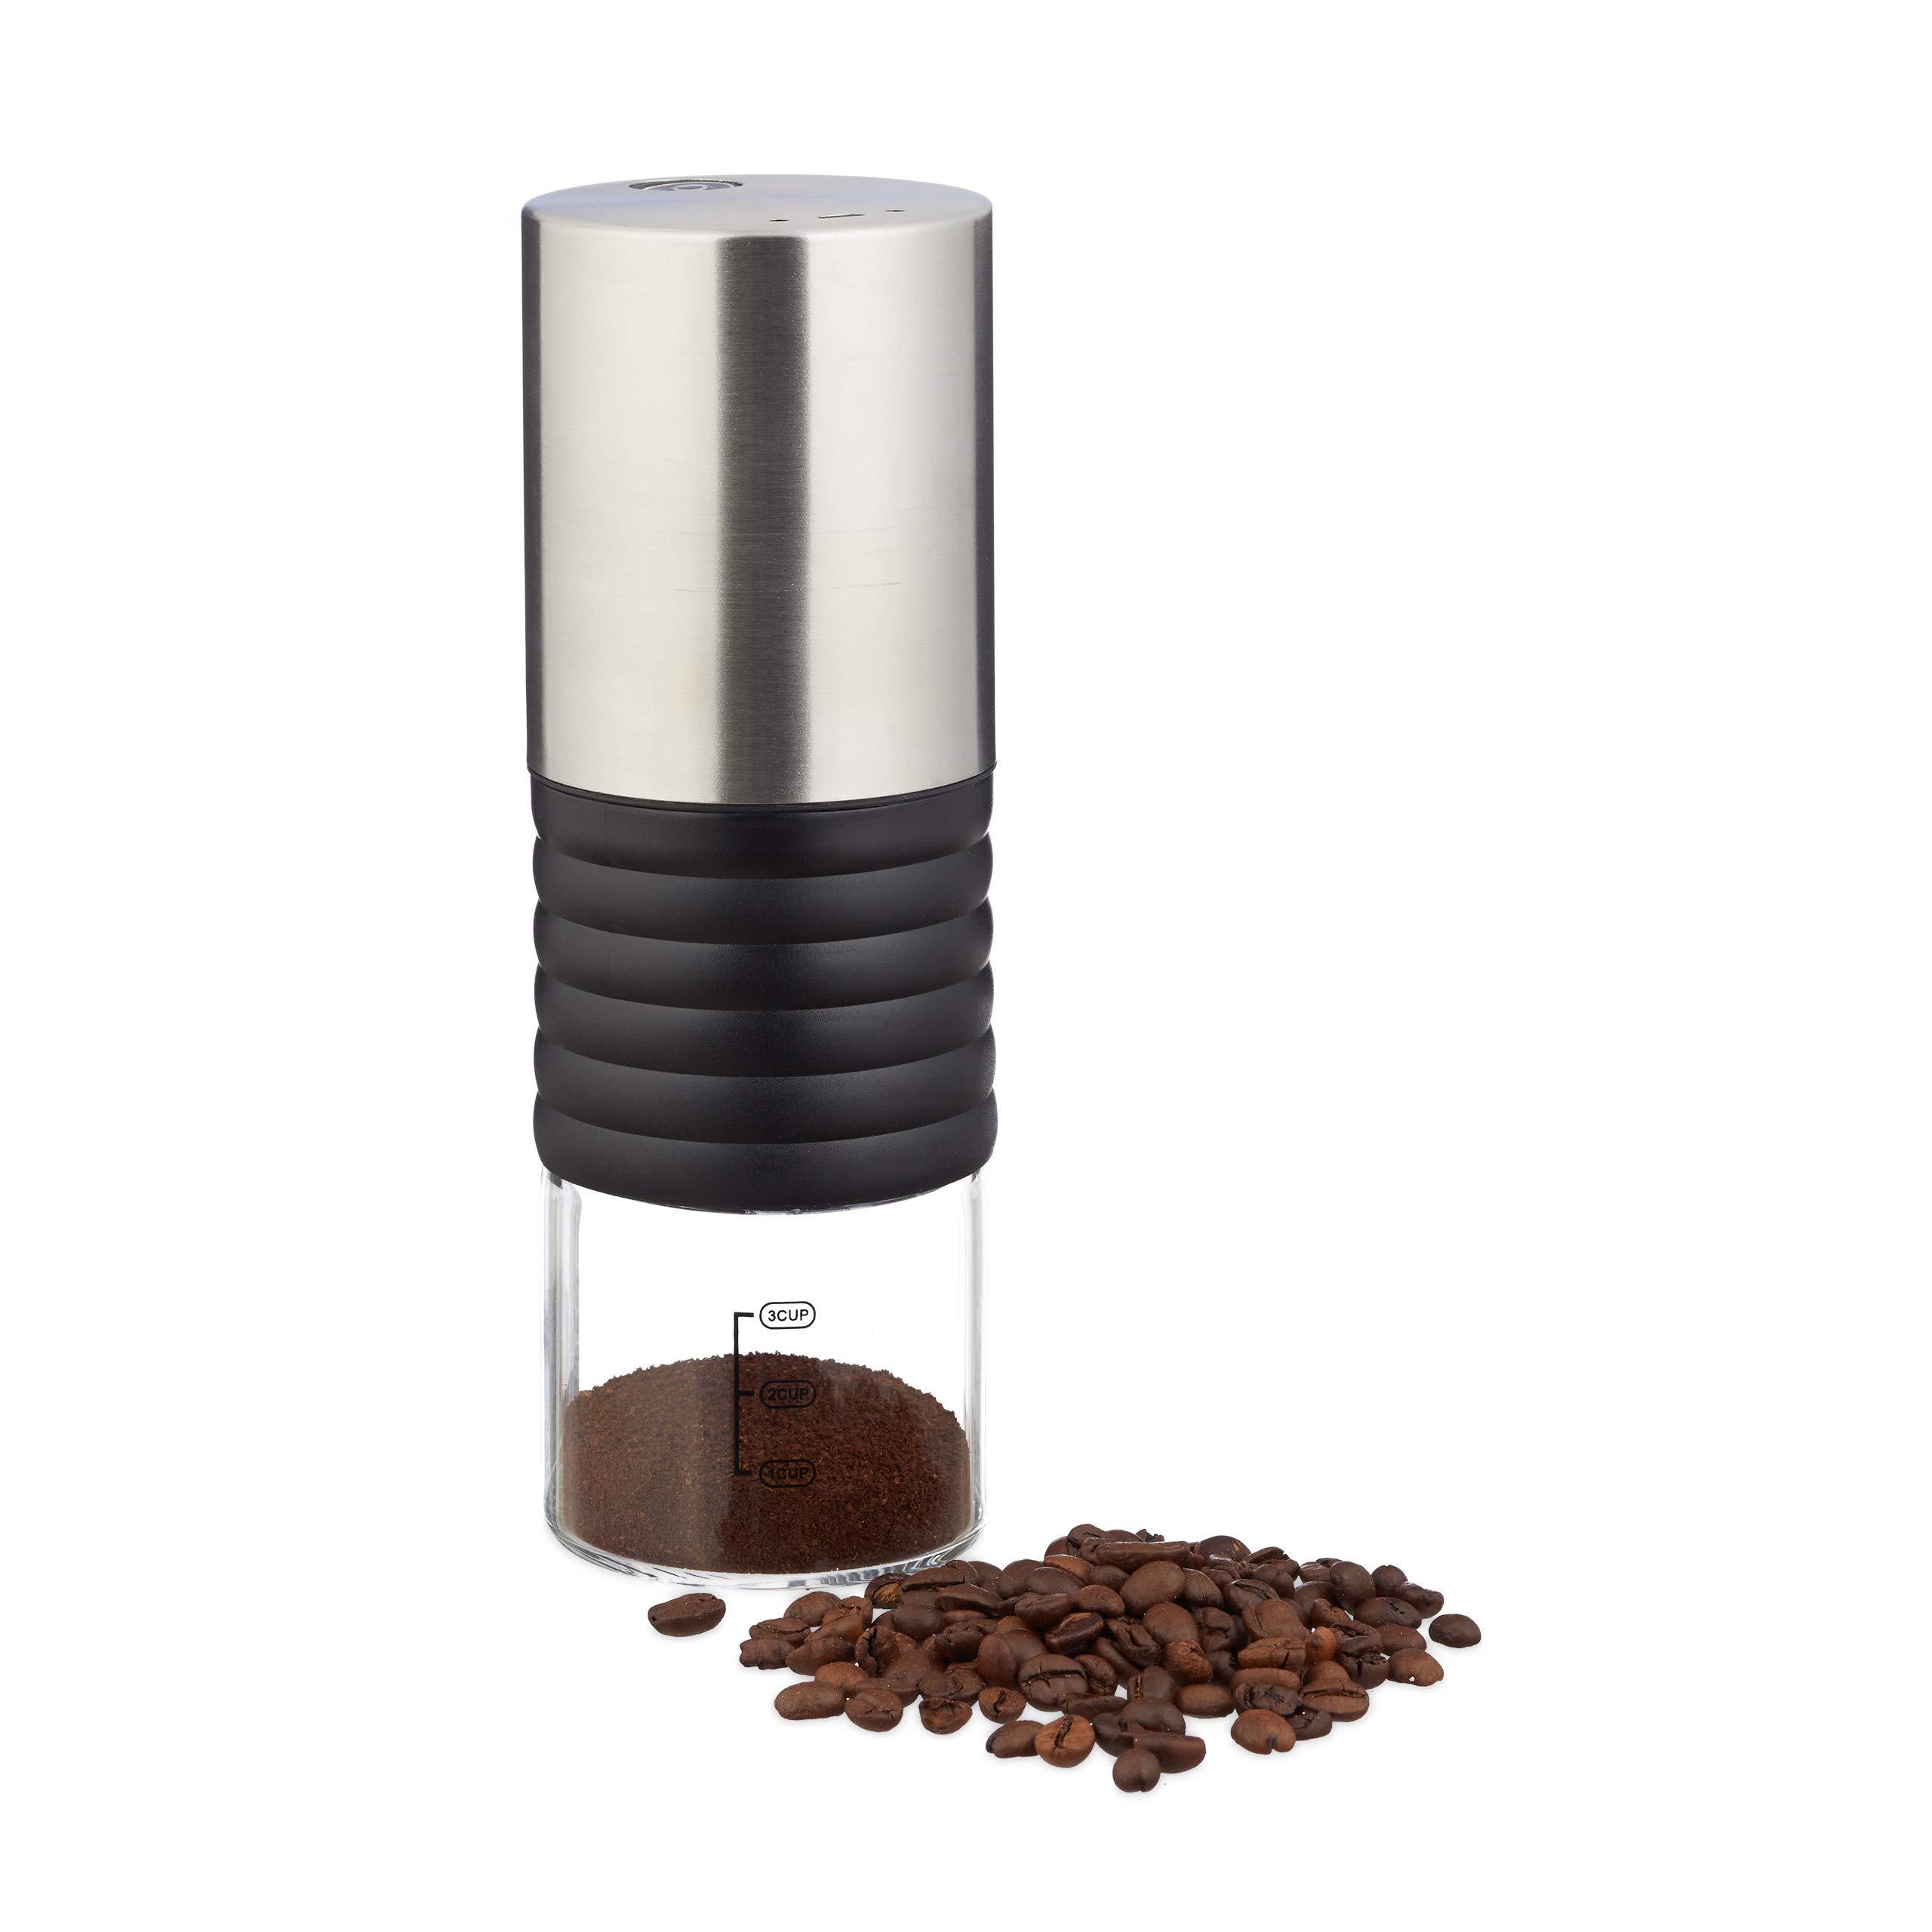 Relaxdays 10023301, Edelstahl, silber Elektrische Kaffeemühle, verstellbares Keramikmahlwerk, bis zu 3 Tassen, Espressomühle USB, Kunststoff